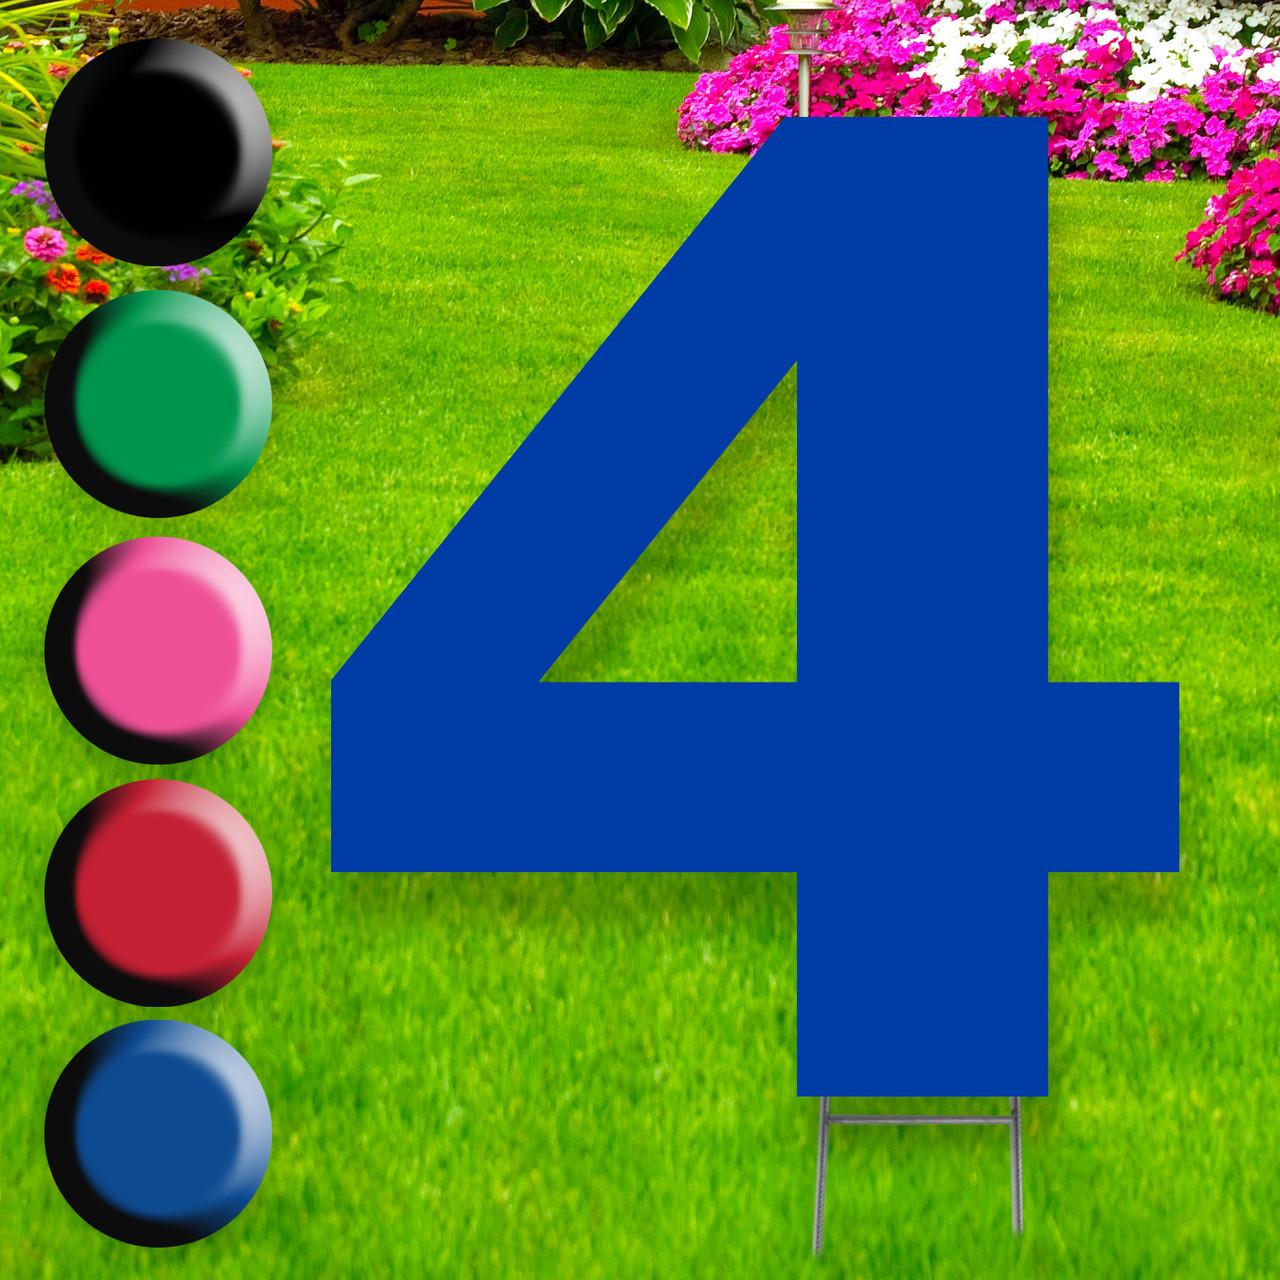 Number 4 yard sign